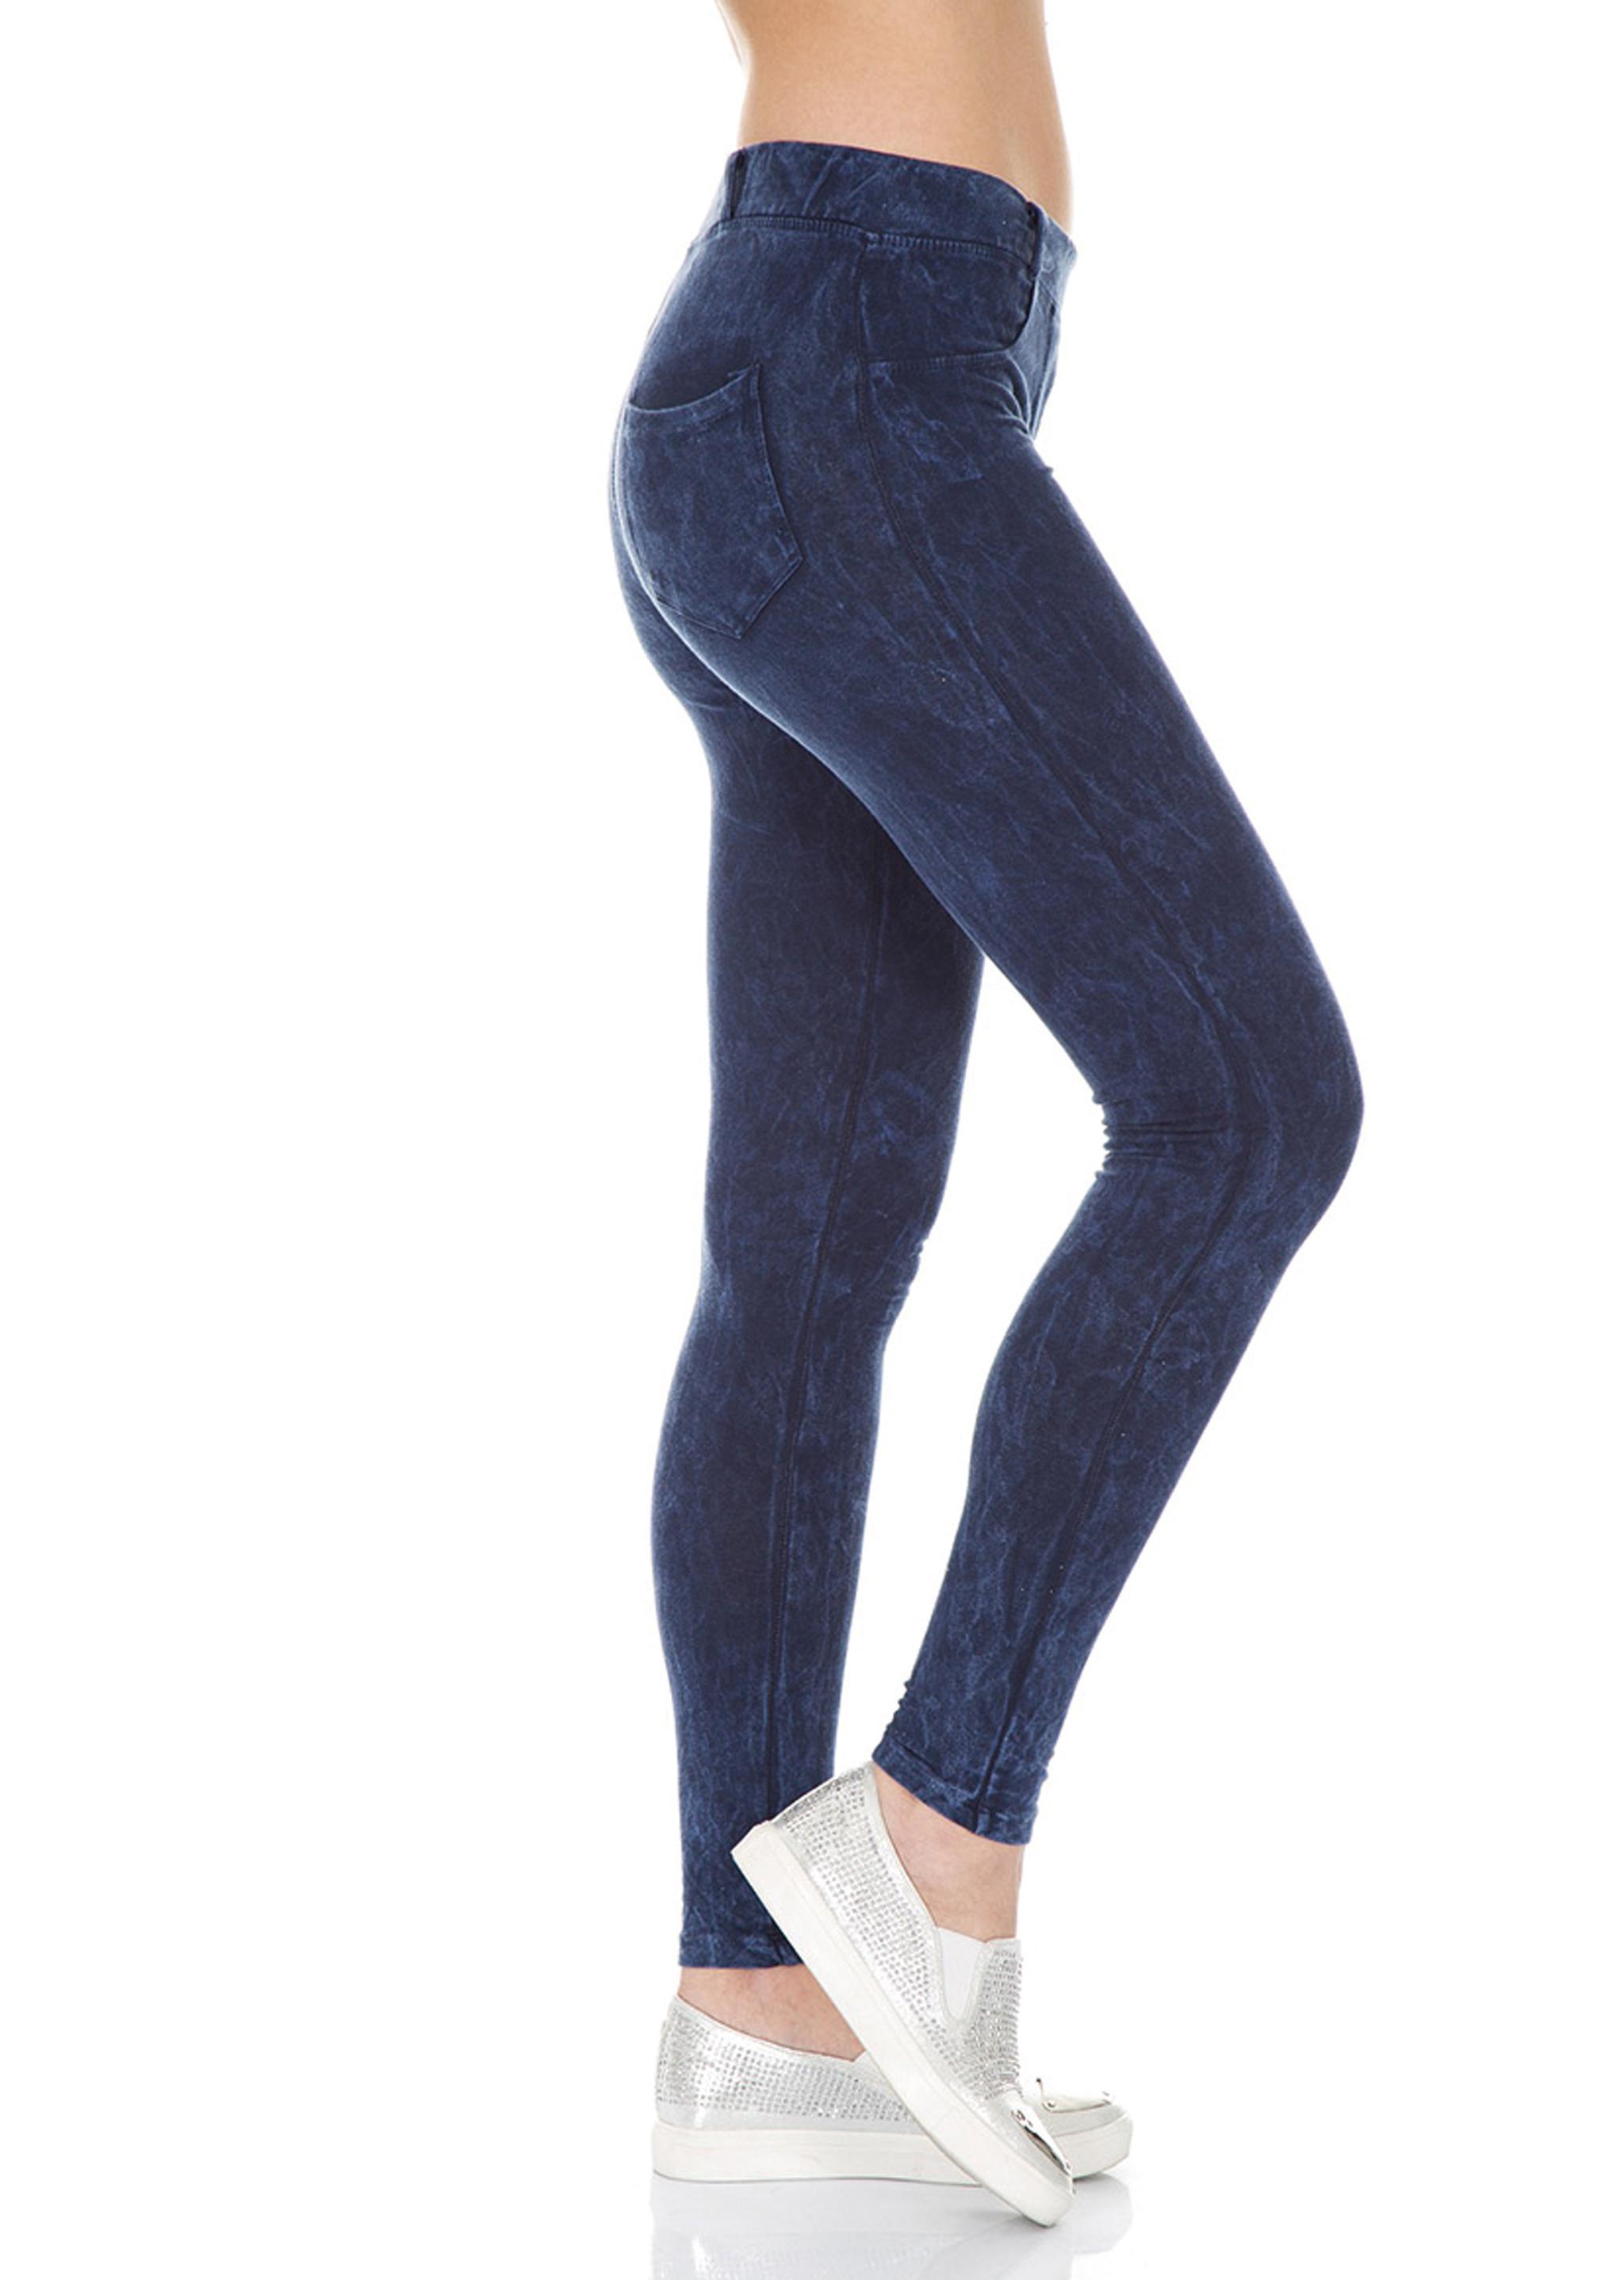 女性愛穿緊身褲也是罹患陰道炎原因之一,建議穿著寬鬆通風褲子。